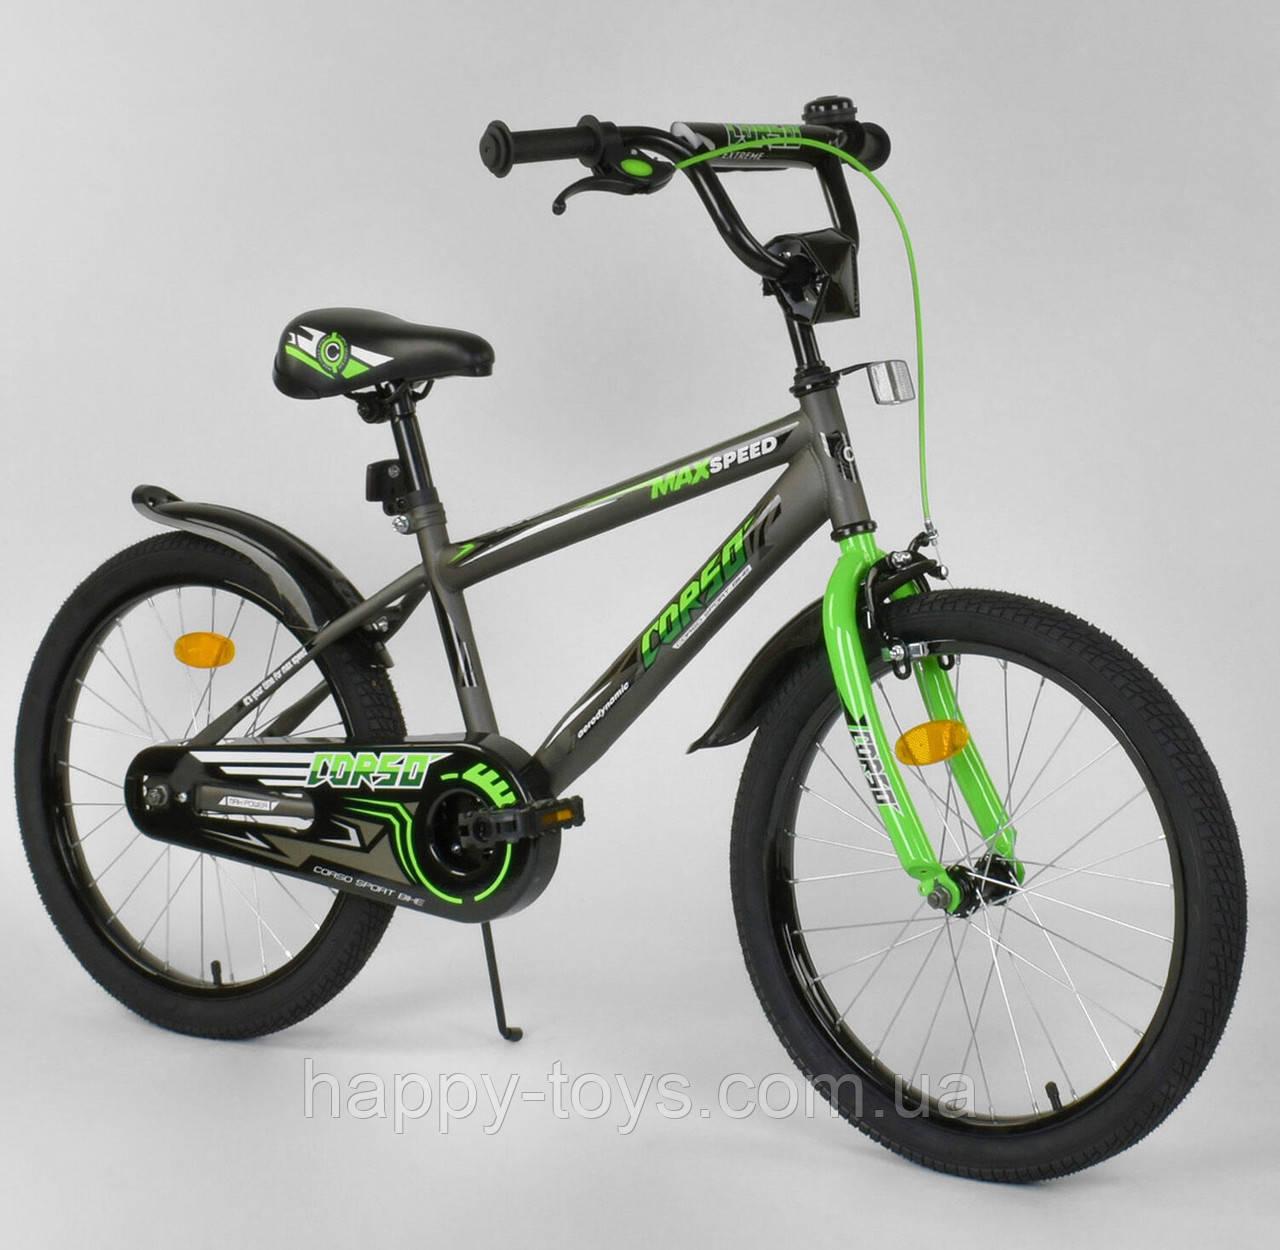 """Велосипед 20"""" дюймов 2-х колёсный CORSO ЧЁРНО-ЗЕЛЁНЫЙ, ручной тормоз, звоночек, собранный на 75% EX-20 N 2955"""